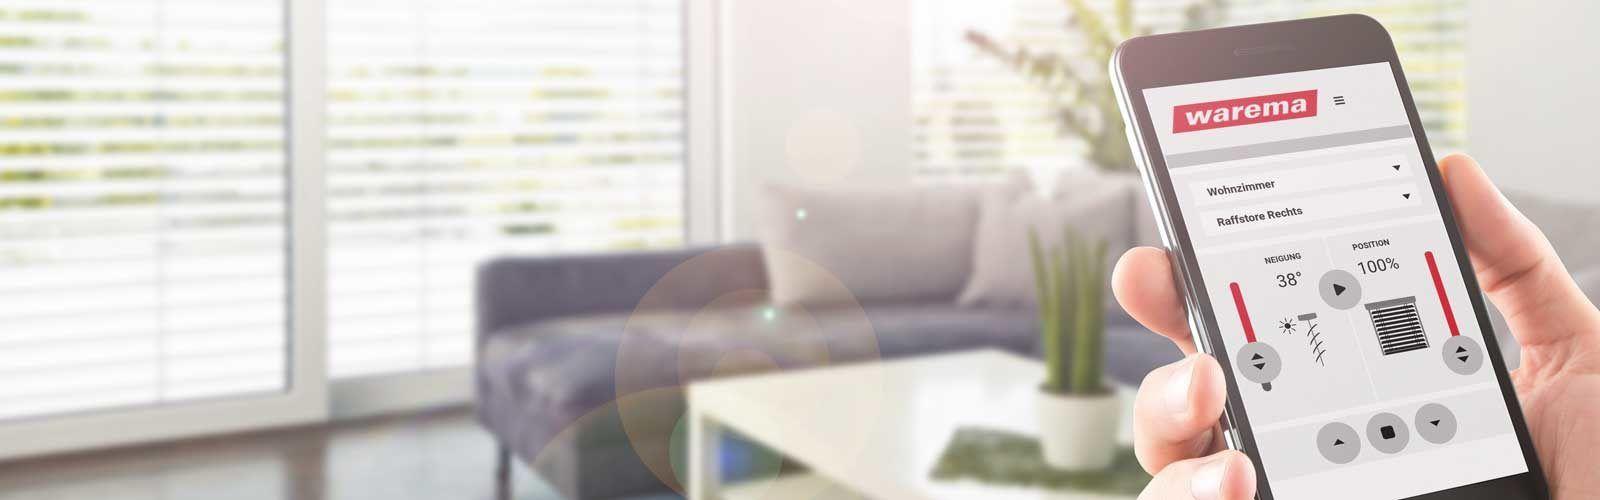 App | SAGA Raumausstattung ist seit 50 Jahren Spezialist für Gardinen, Bodenbelag, Sonnenschutz, Sonnensegel, Markisen, Pergola, Rolladen, Insektenschutz, Renovierung und Wasserschaden in Aschaffenburg